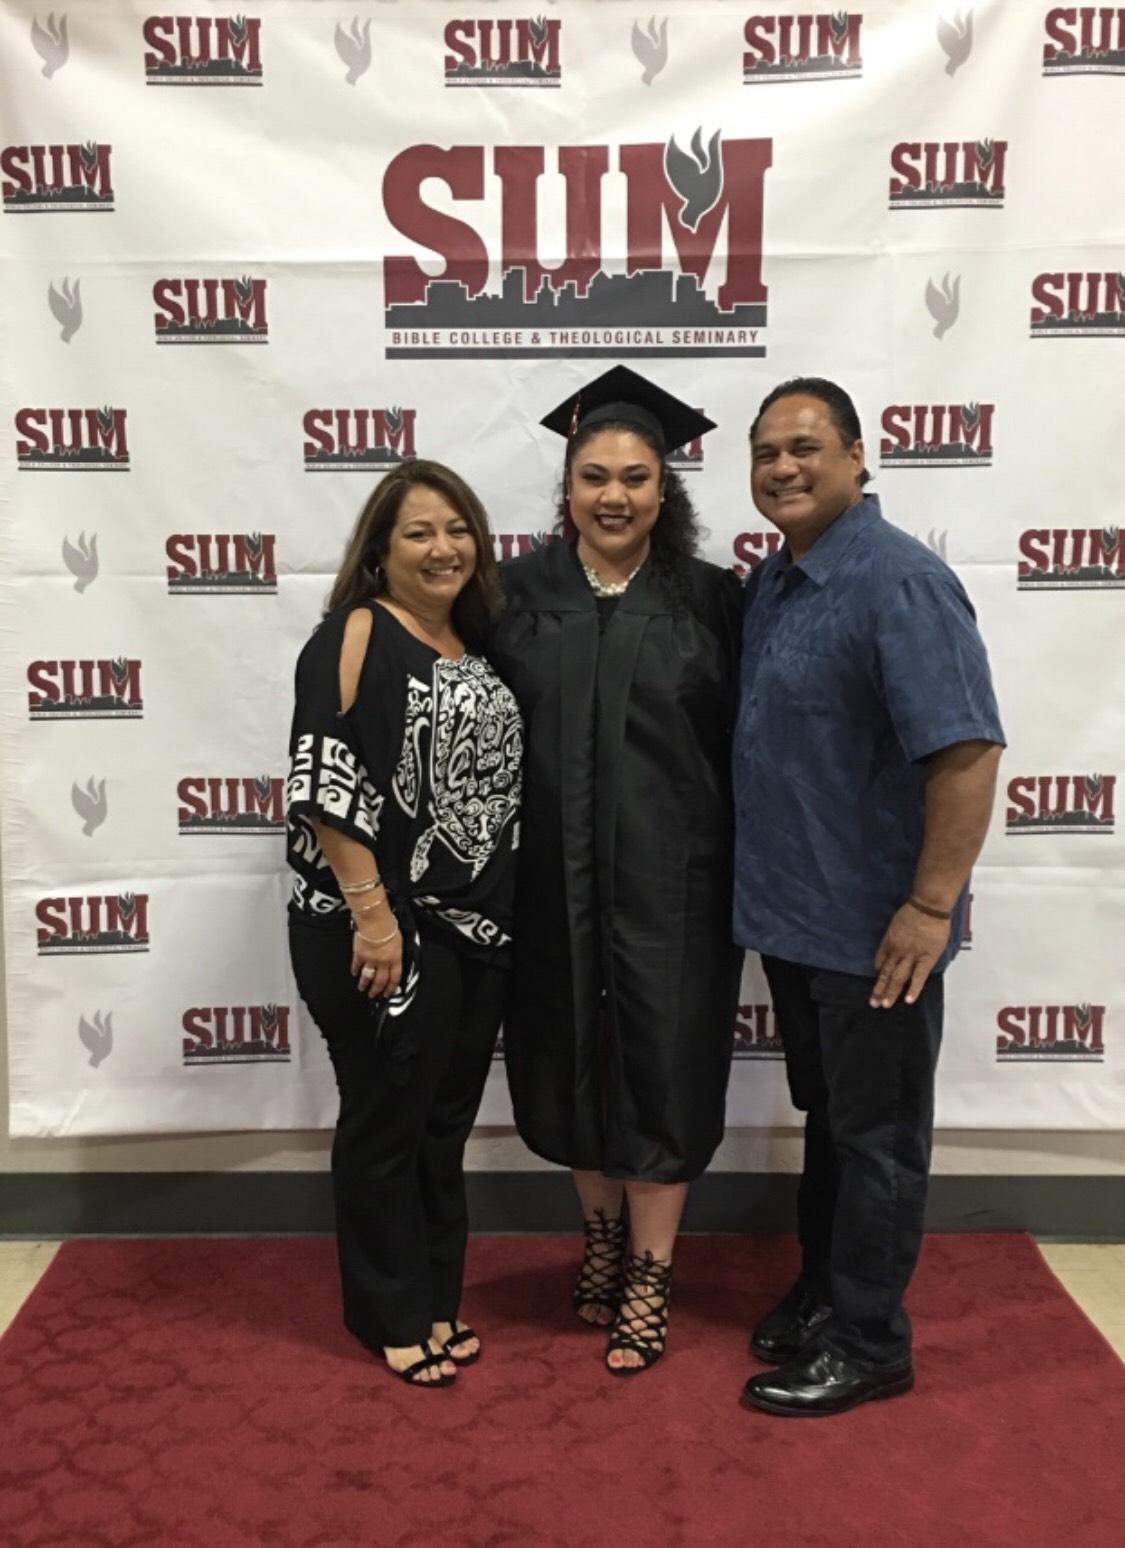 Alina Fa'aola at graduation.